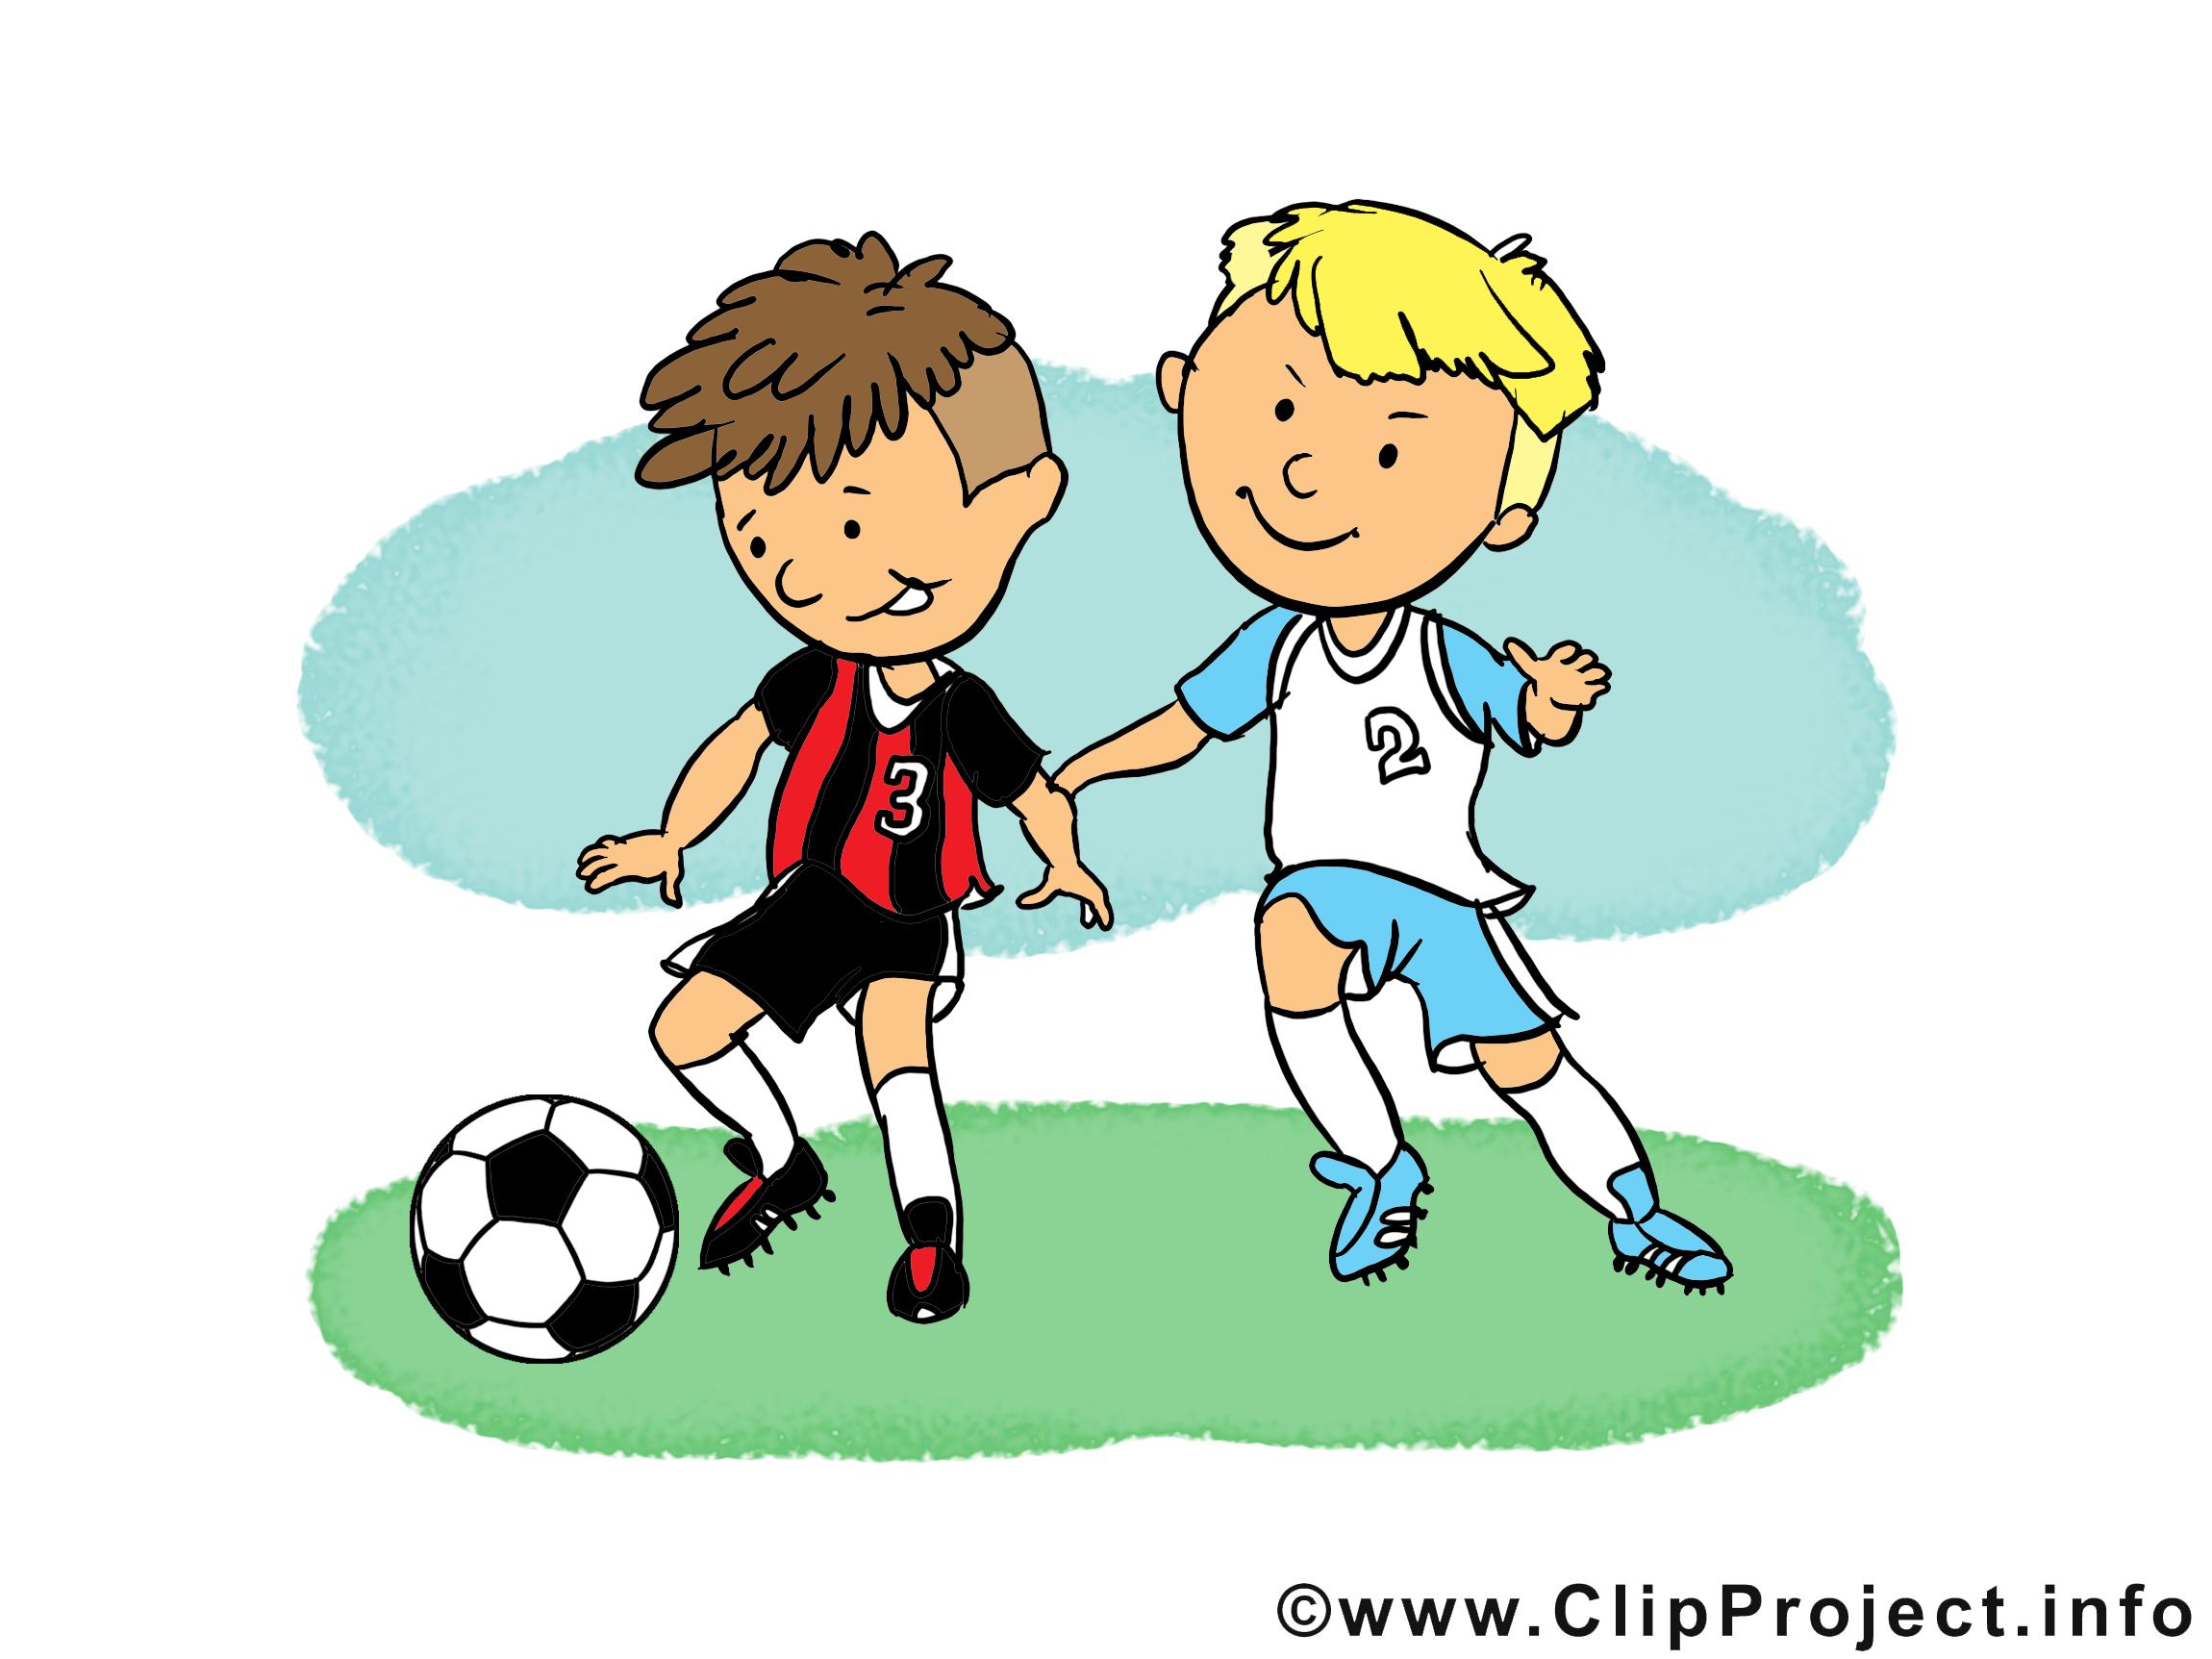 Enfants image gratuite - Football cliparts